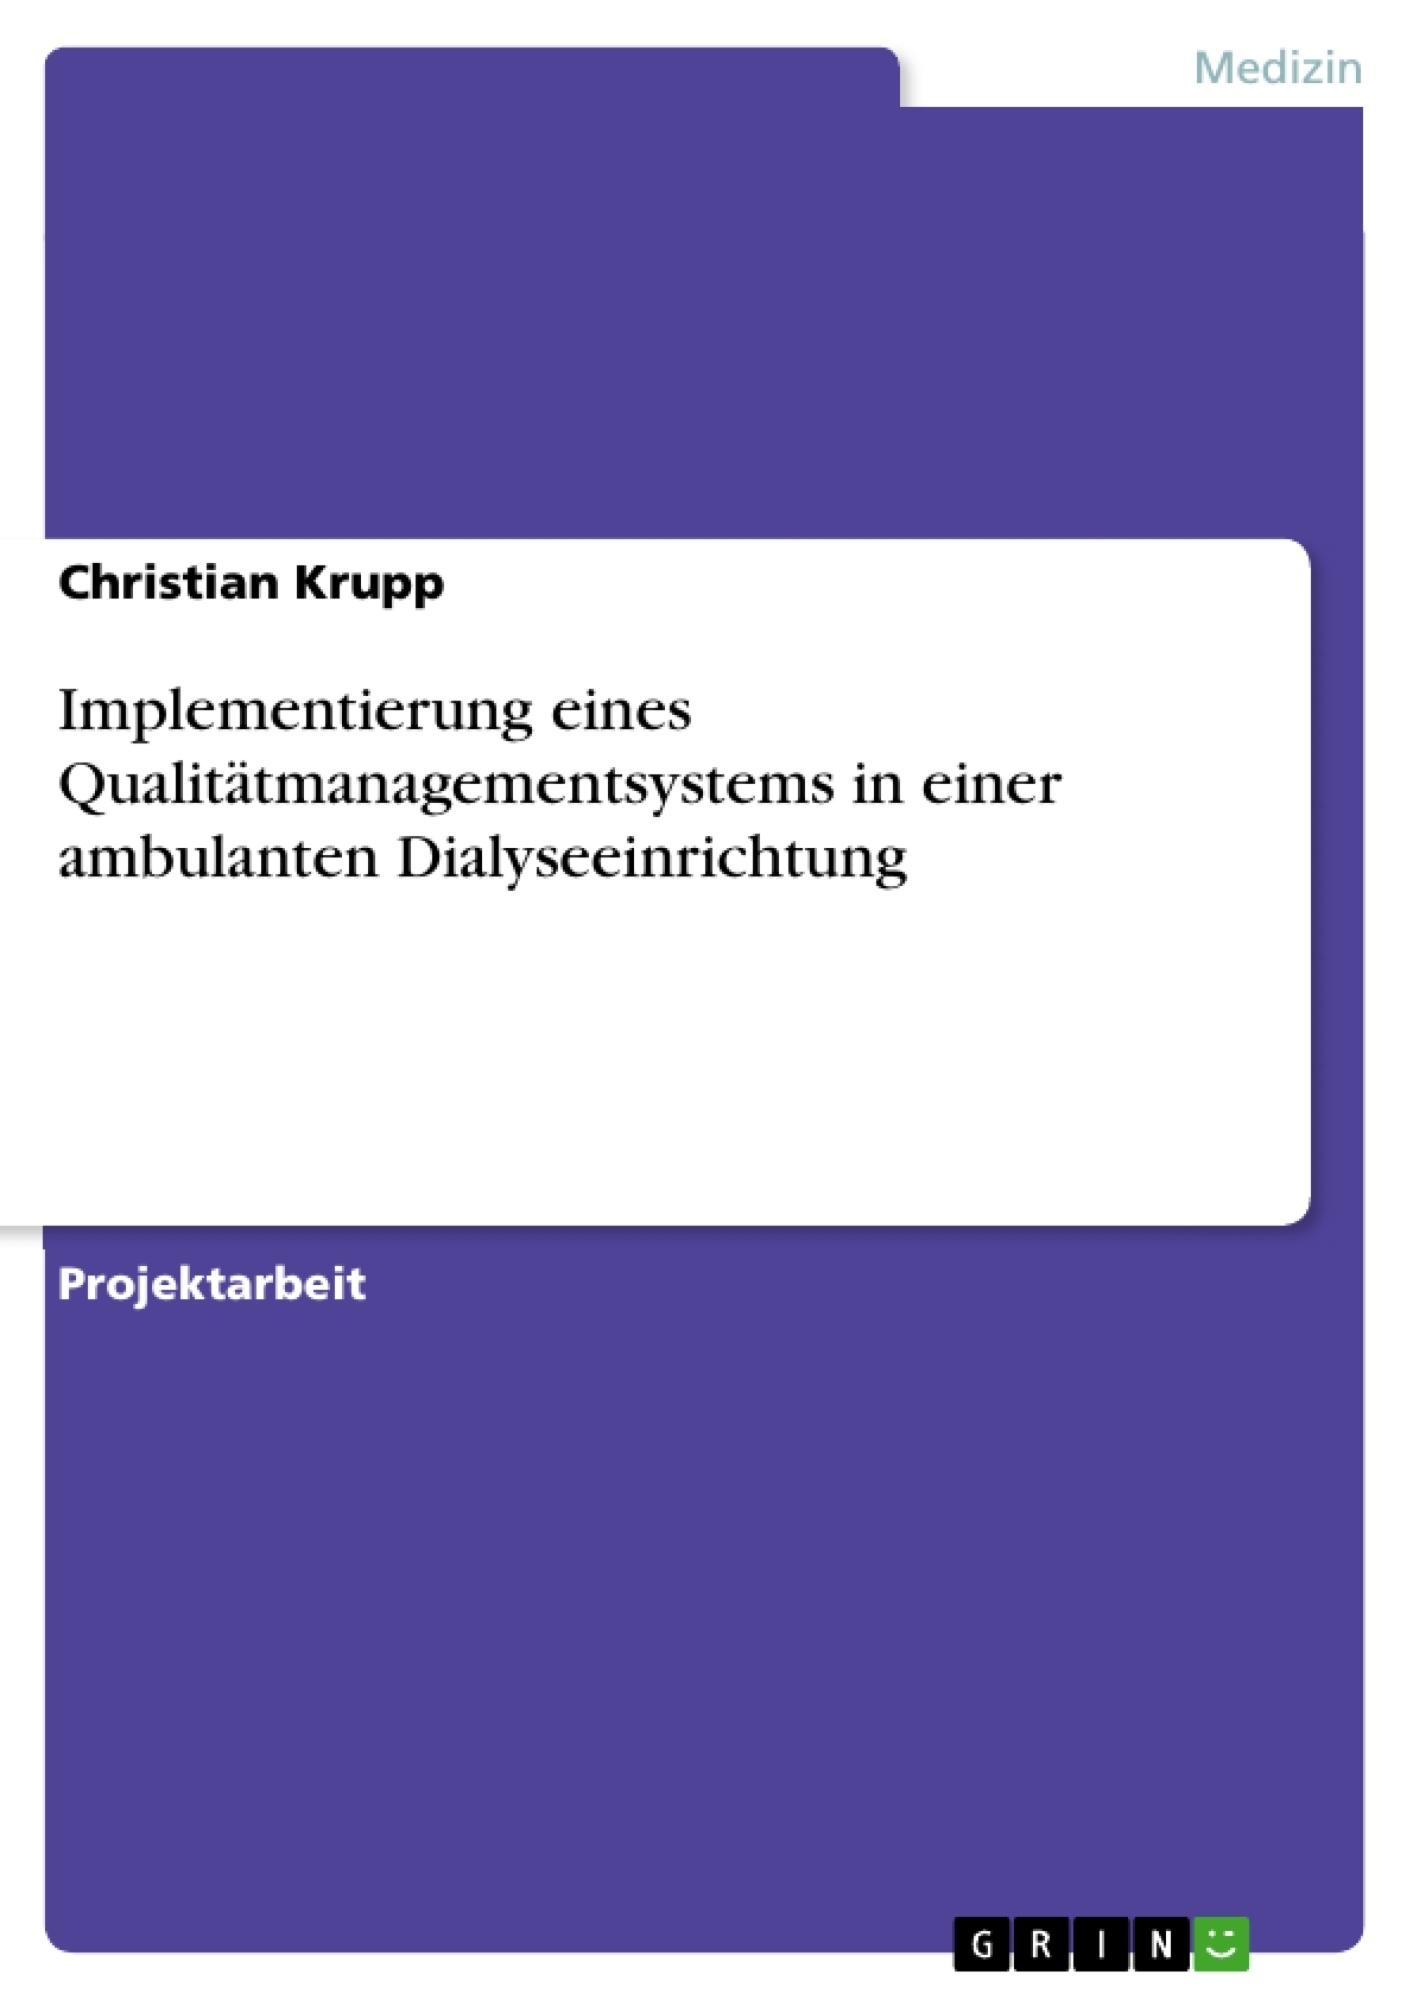 Titel: Implementierung eines Qualitätmanagementsystems in einer ambulanten Dialyseeinrichtung